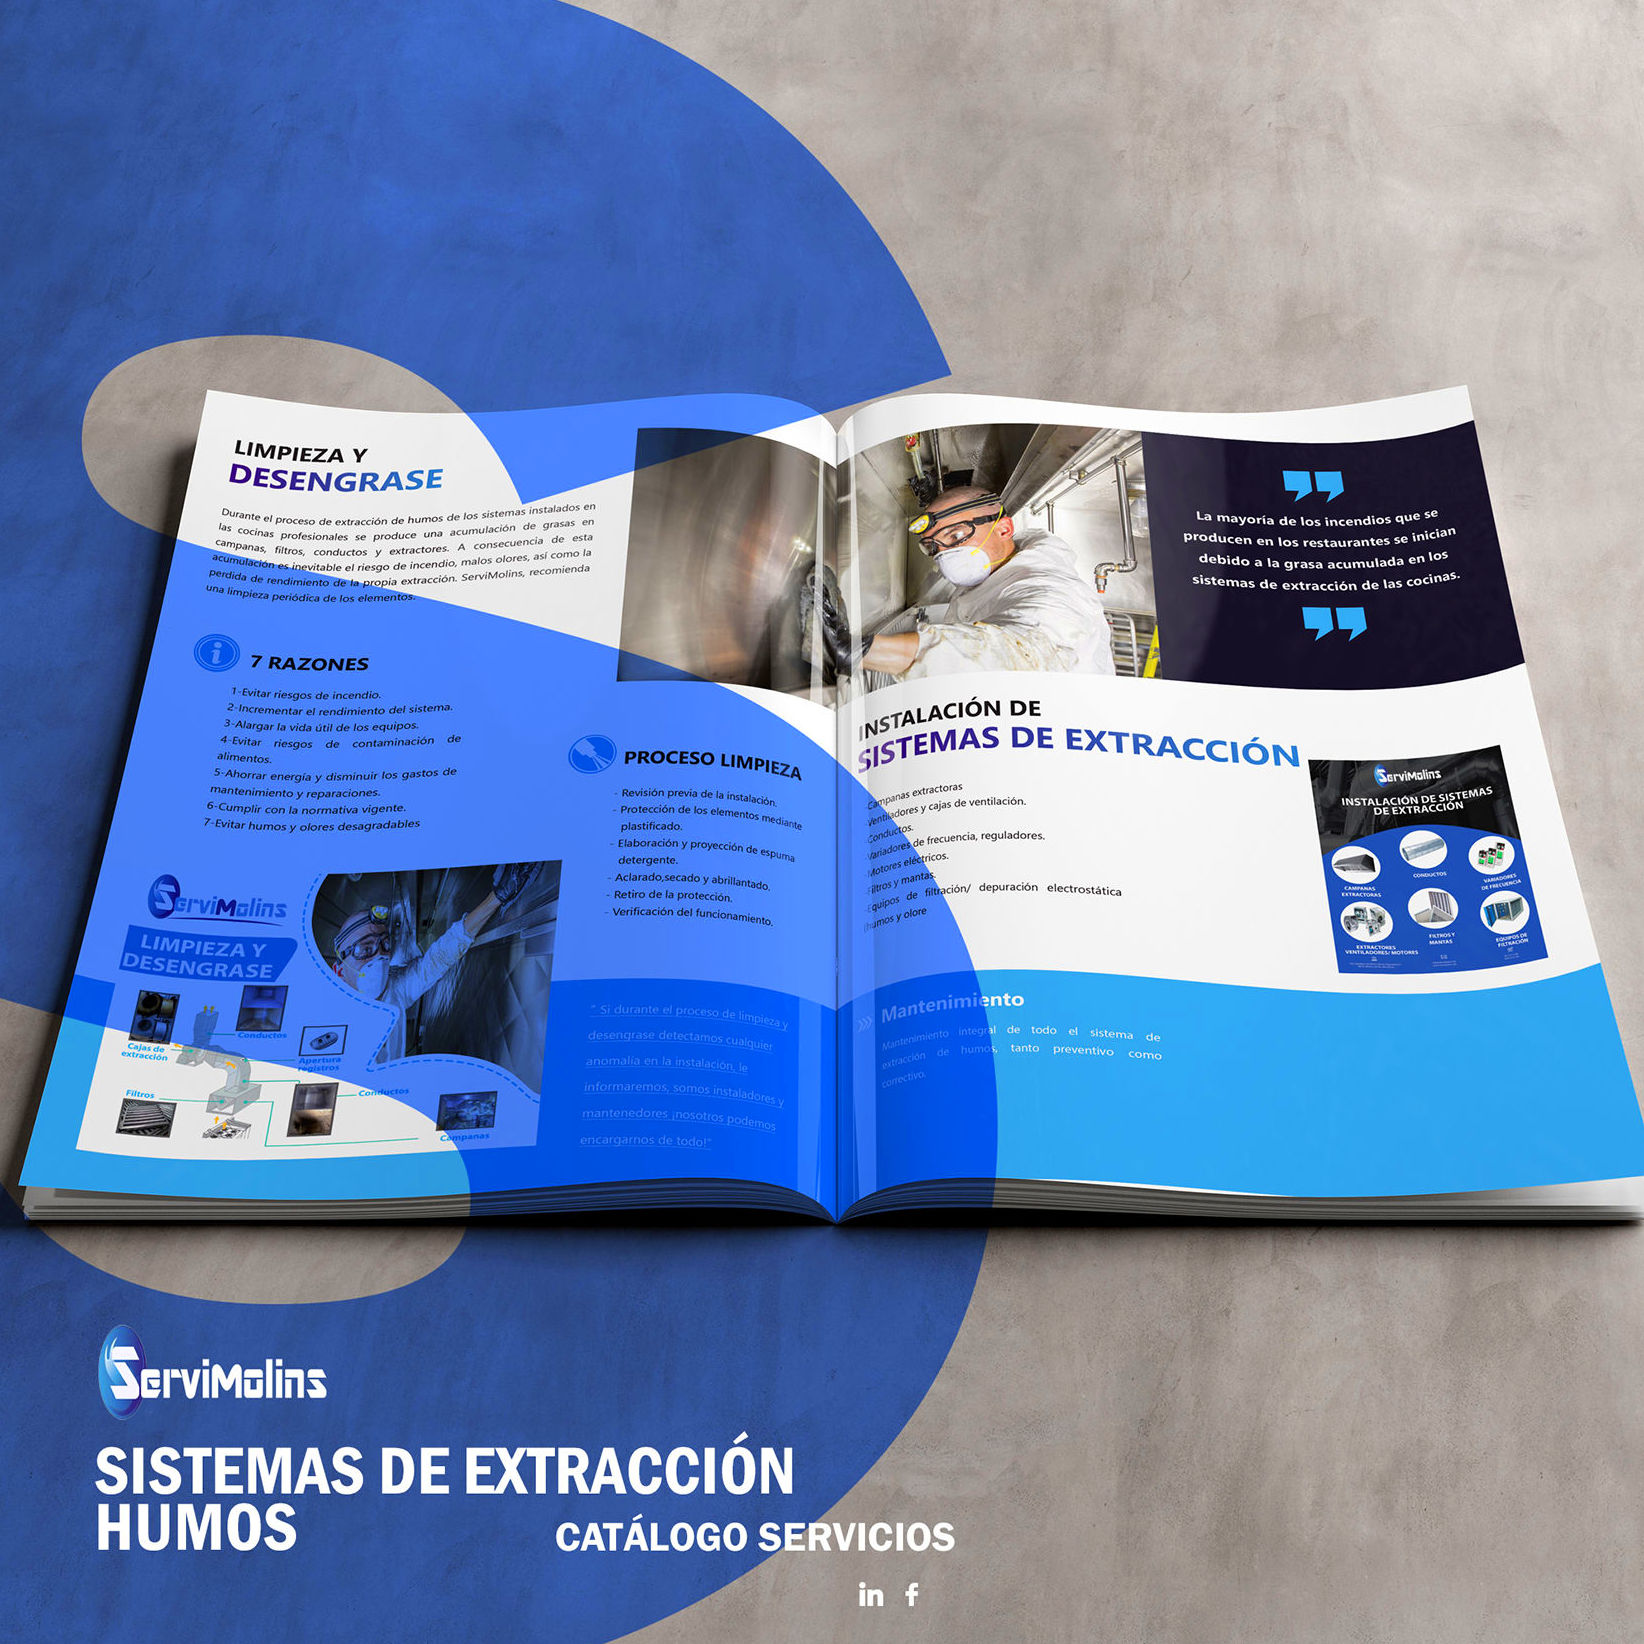 Catálogo ServiMolins : Servicios de Servimolins